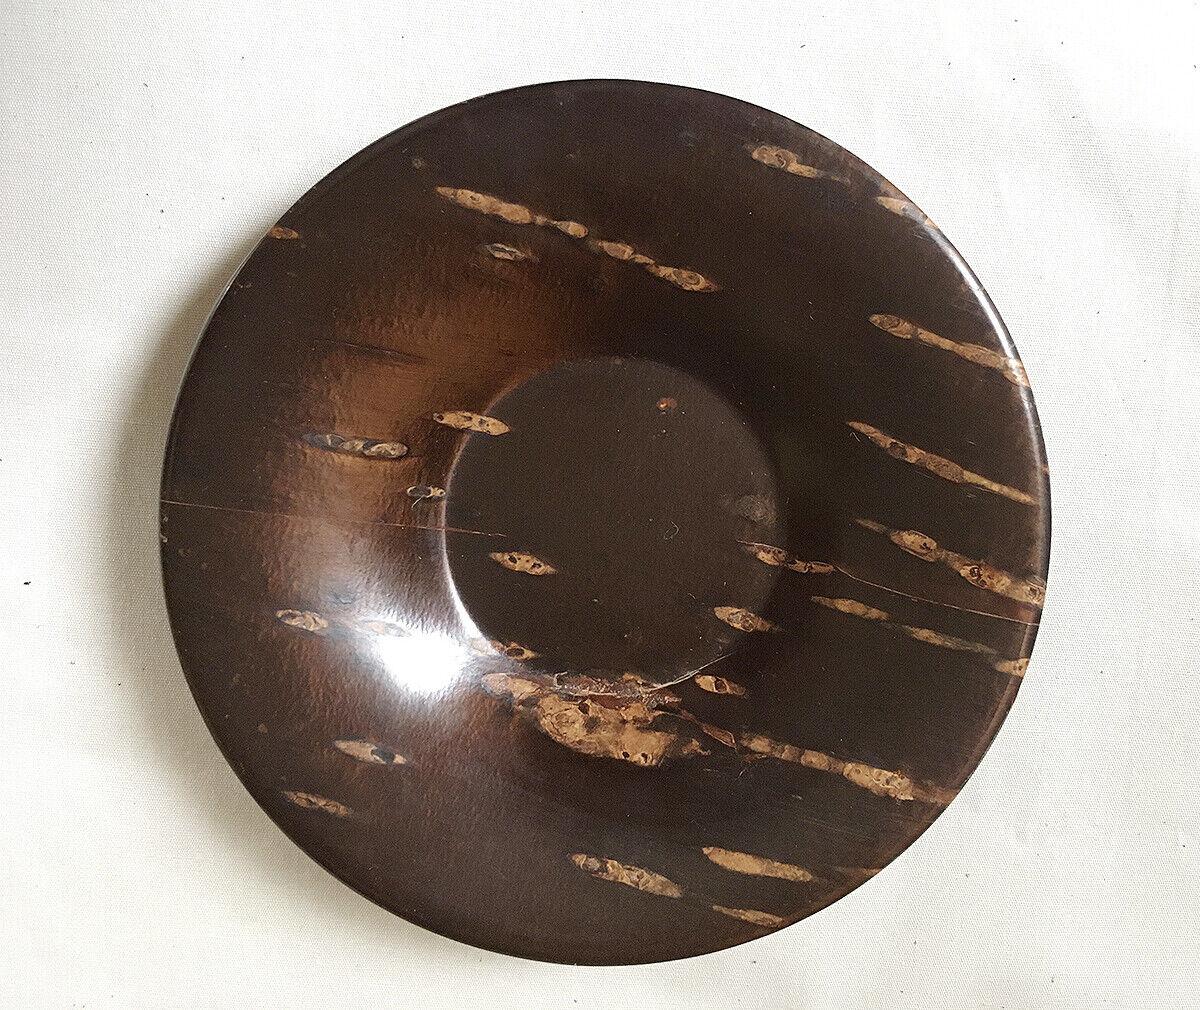 Dessous de verre en bois de cerisier japonais, kaba artisanat, kakunodate 5 pcs